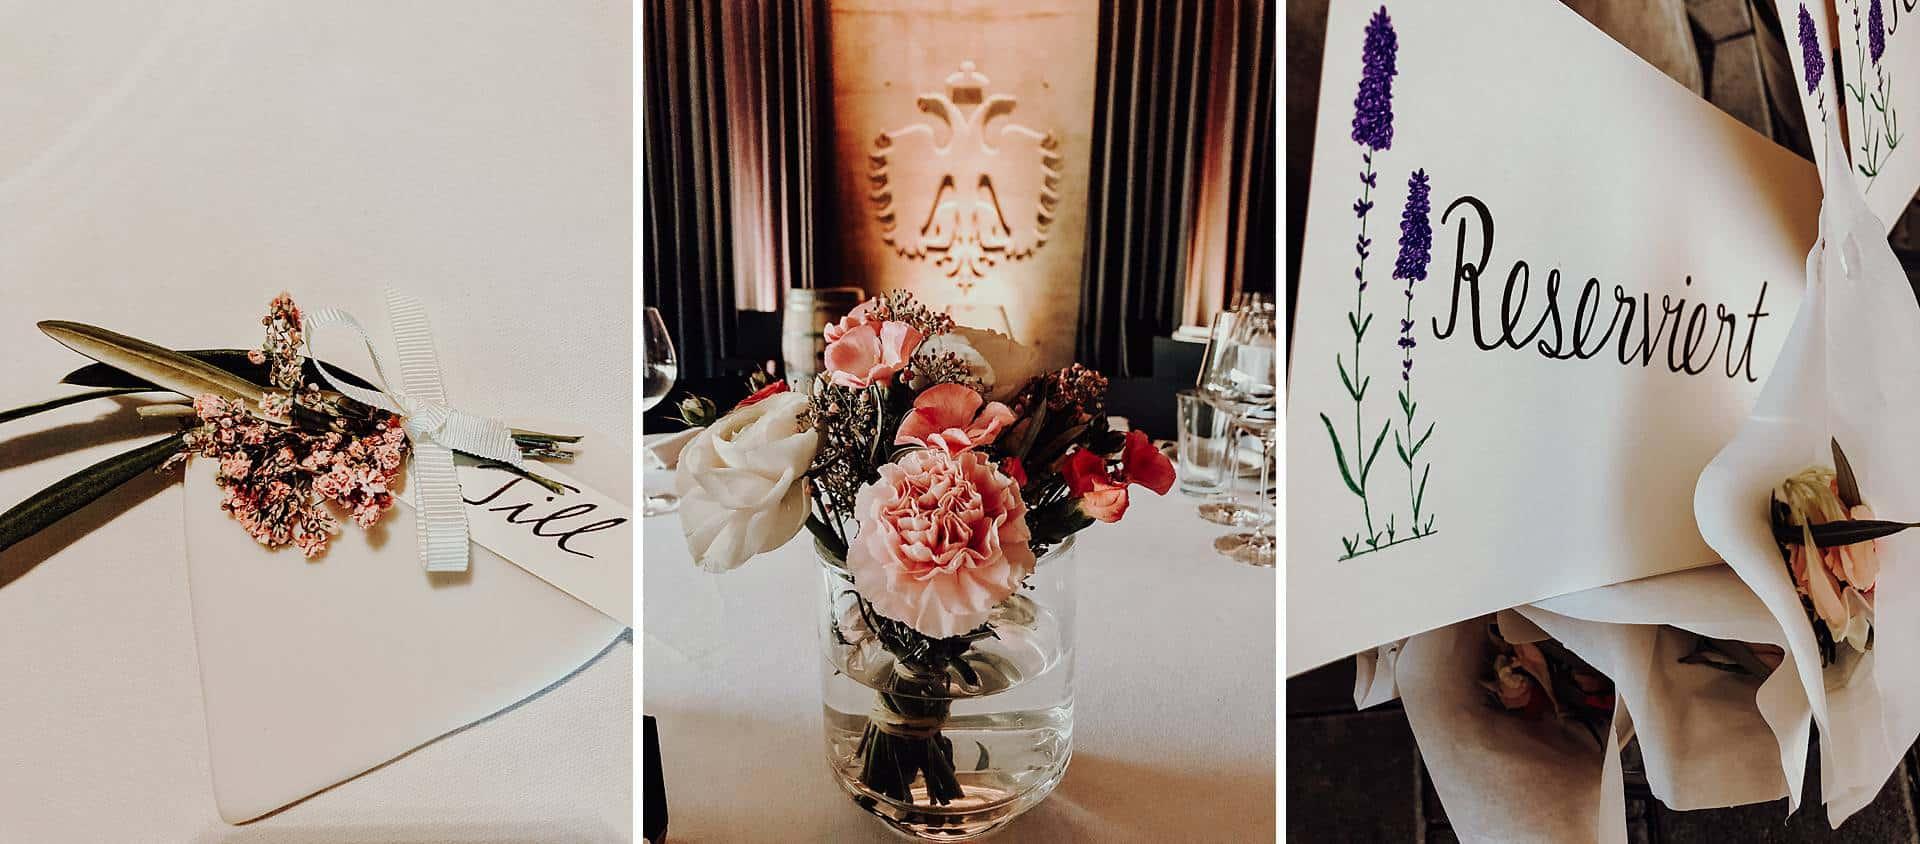 Hochzeitsdekoration Nelkenstrauß in altrosa